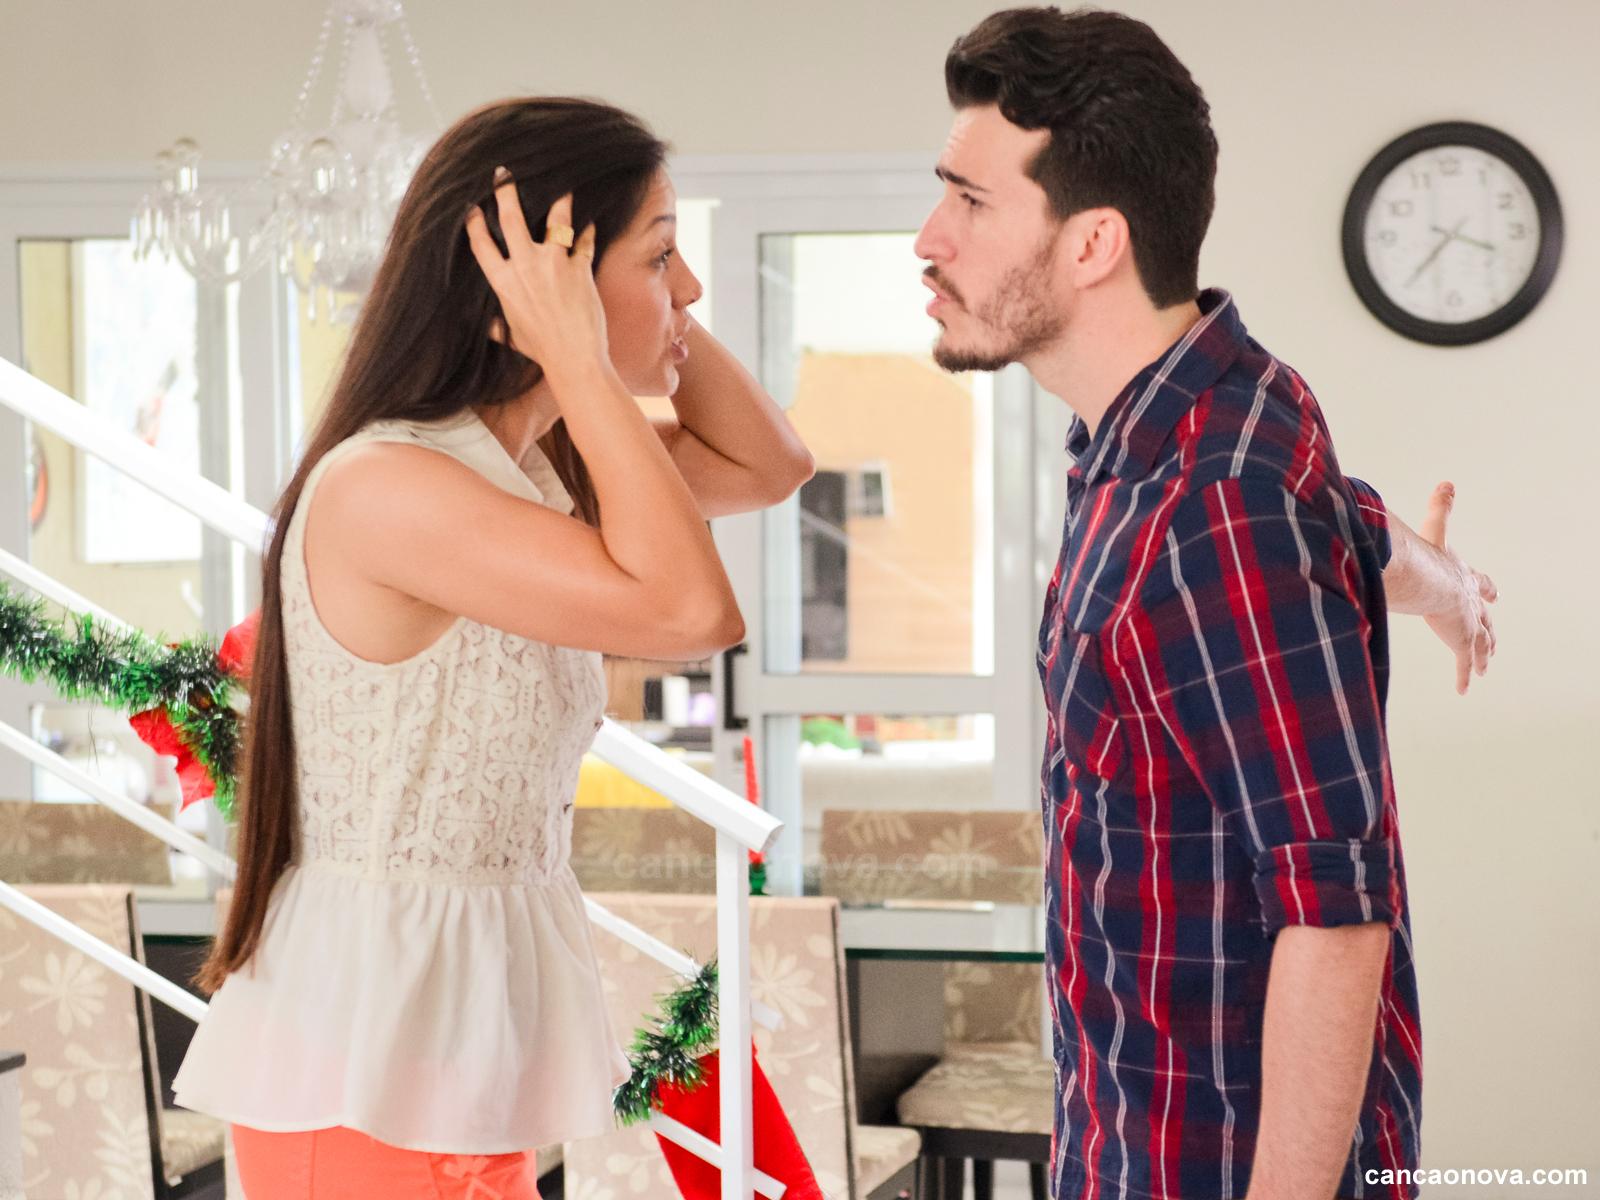 As seis desvantagens de morar juntos antes do casamento